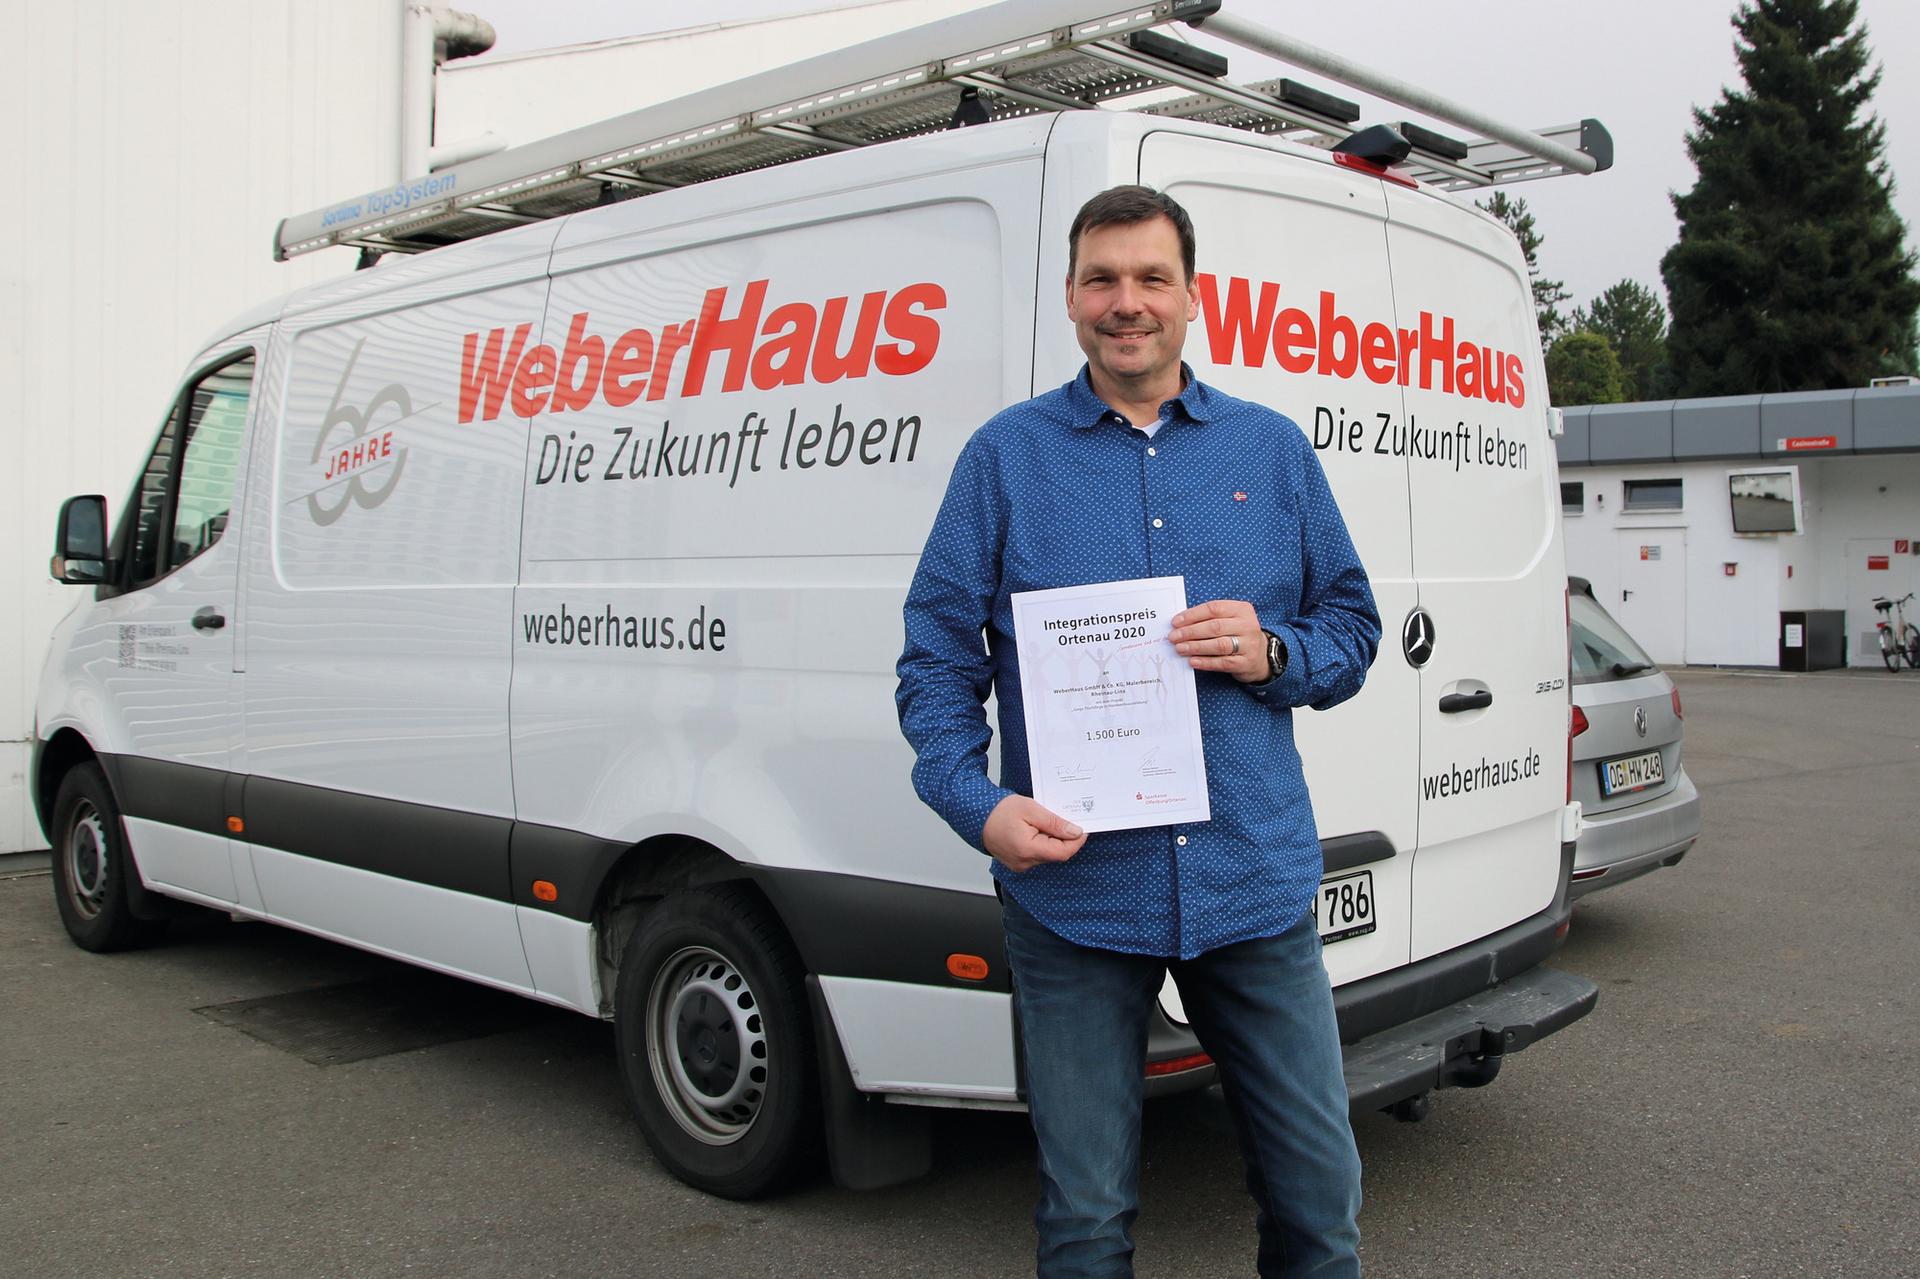 Integrationspreis für WeberHaus